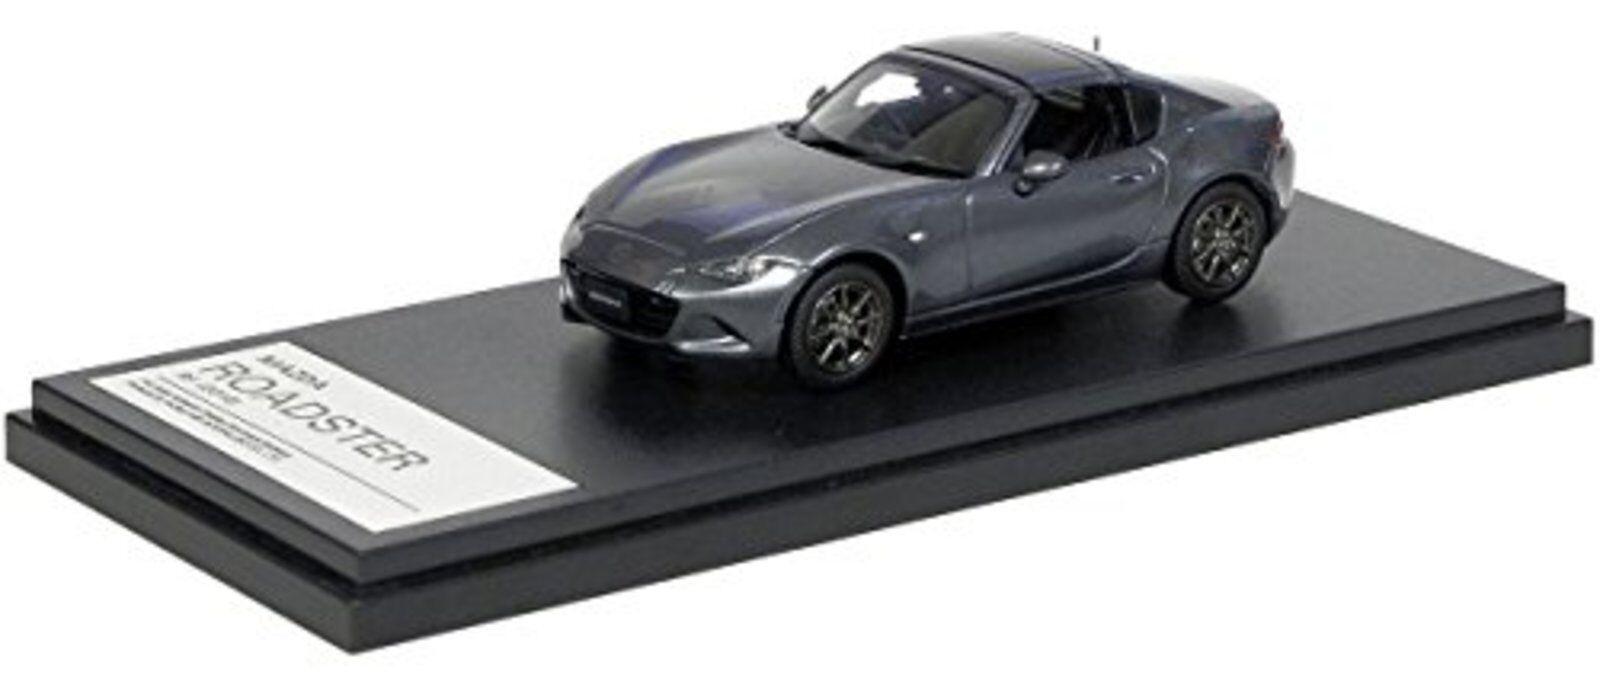 vendita online Hi Storia 143 Mazda Mazda Mazda stradaster RF 2016 Grigio modellolino F S W Tracciamento Testa  fino al 70% di sconto